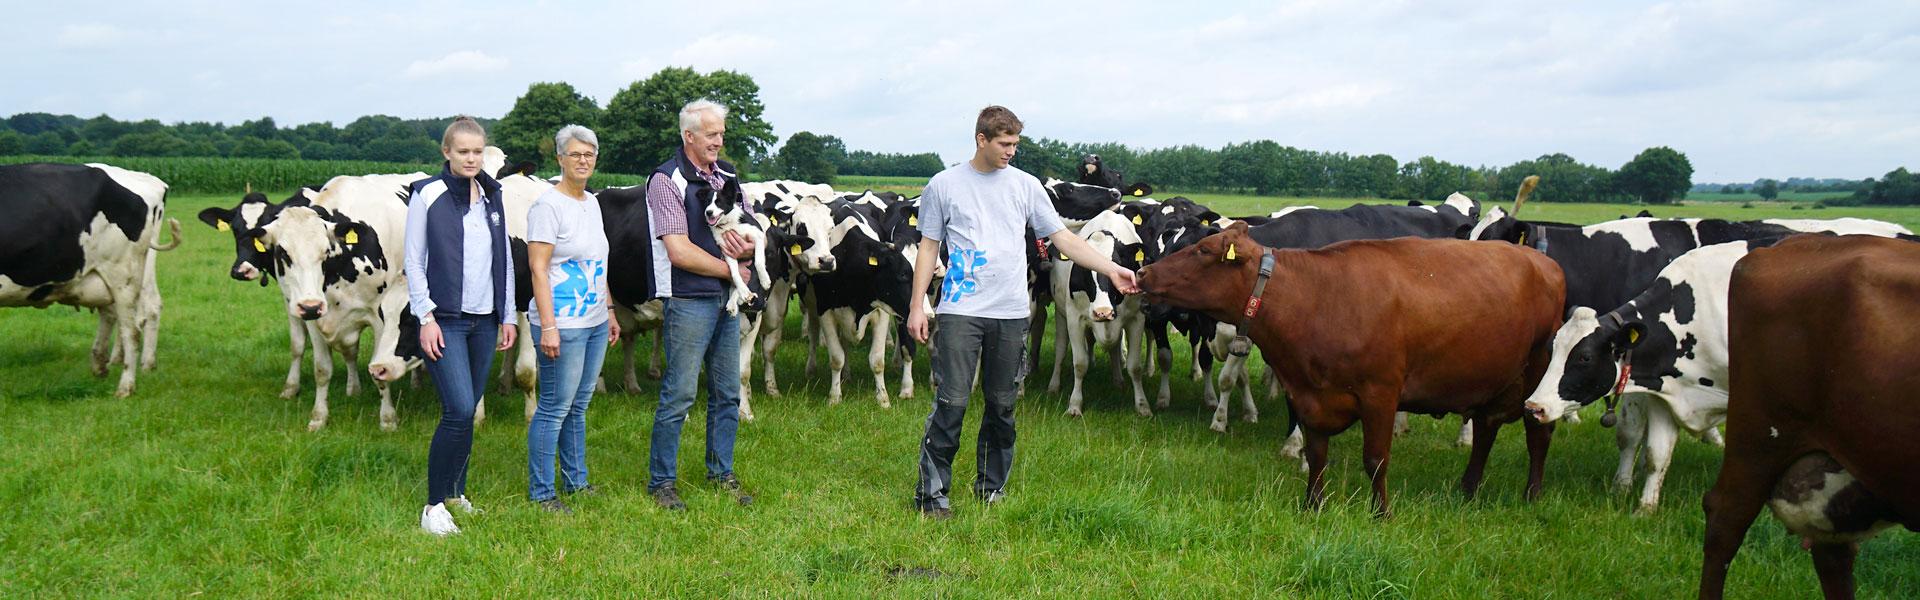 Personen und Kühe auf der Weide